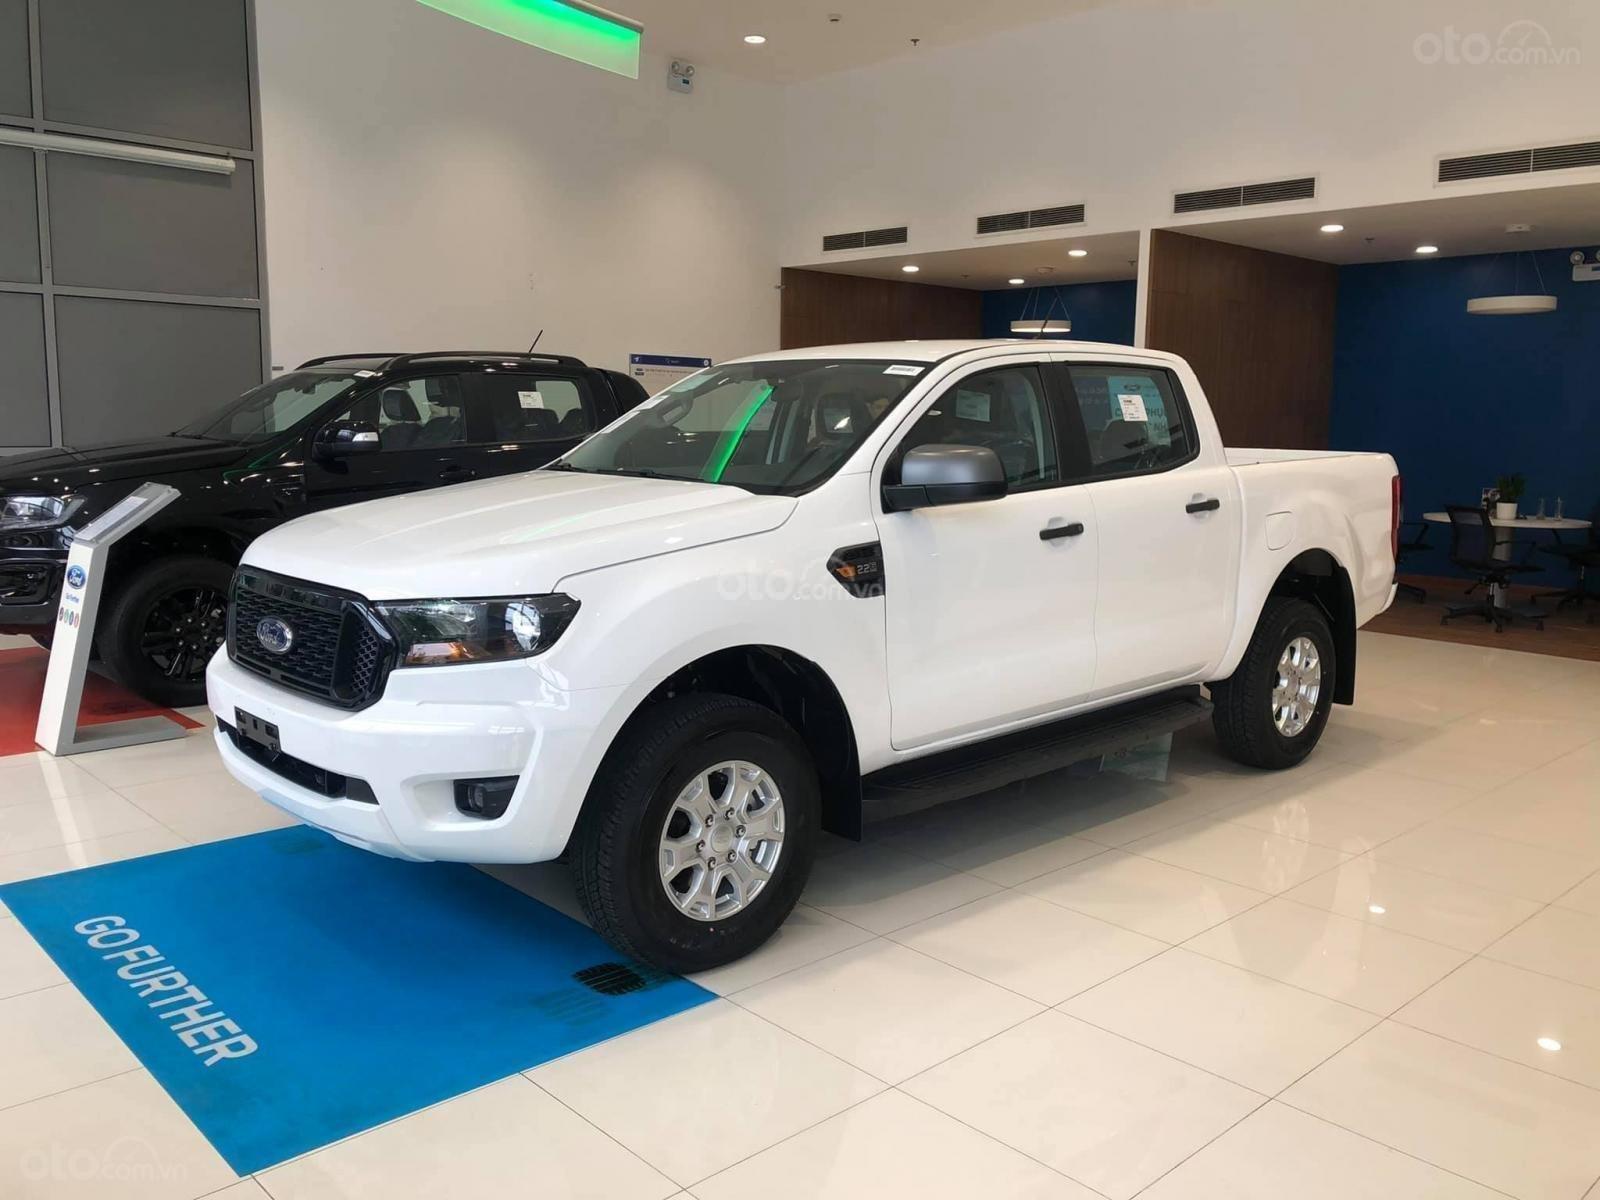 Suối Tiên Ford - Q9 - Ford Ranger XLS AT 2021 ưu đãi lớn giảm ngay tiền mặt + hàng loạt quà tặng kèm theo (2)